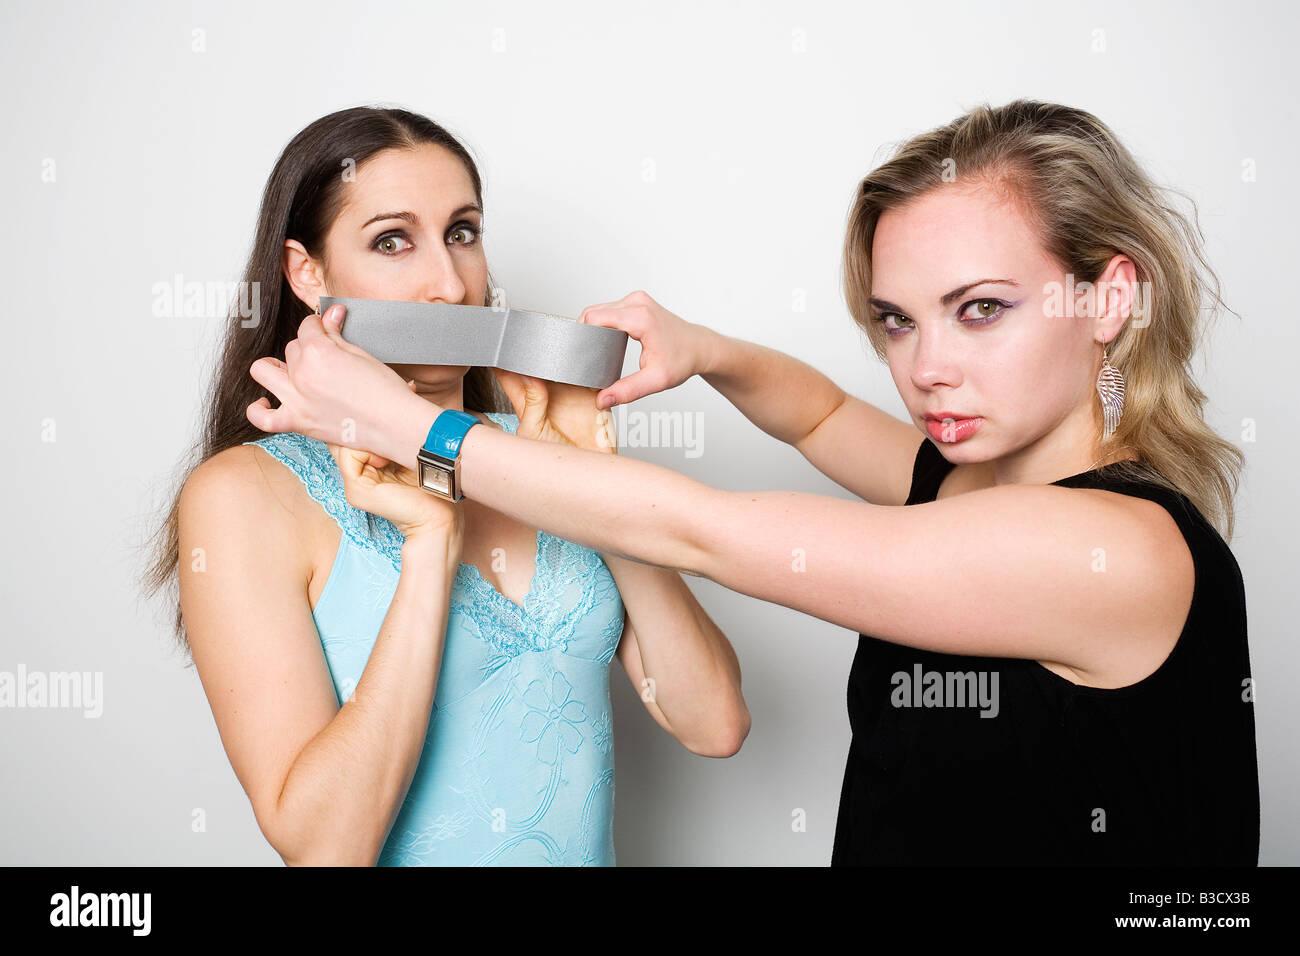 Junge Frau mit Klebeband über Freundes Mund Stockfoto